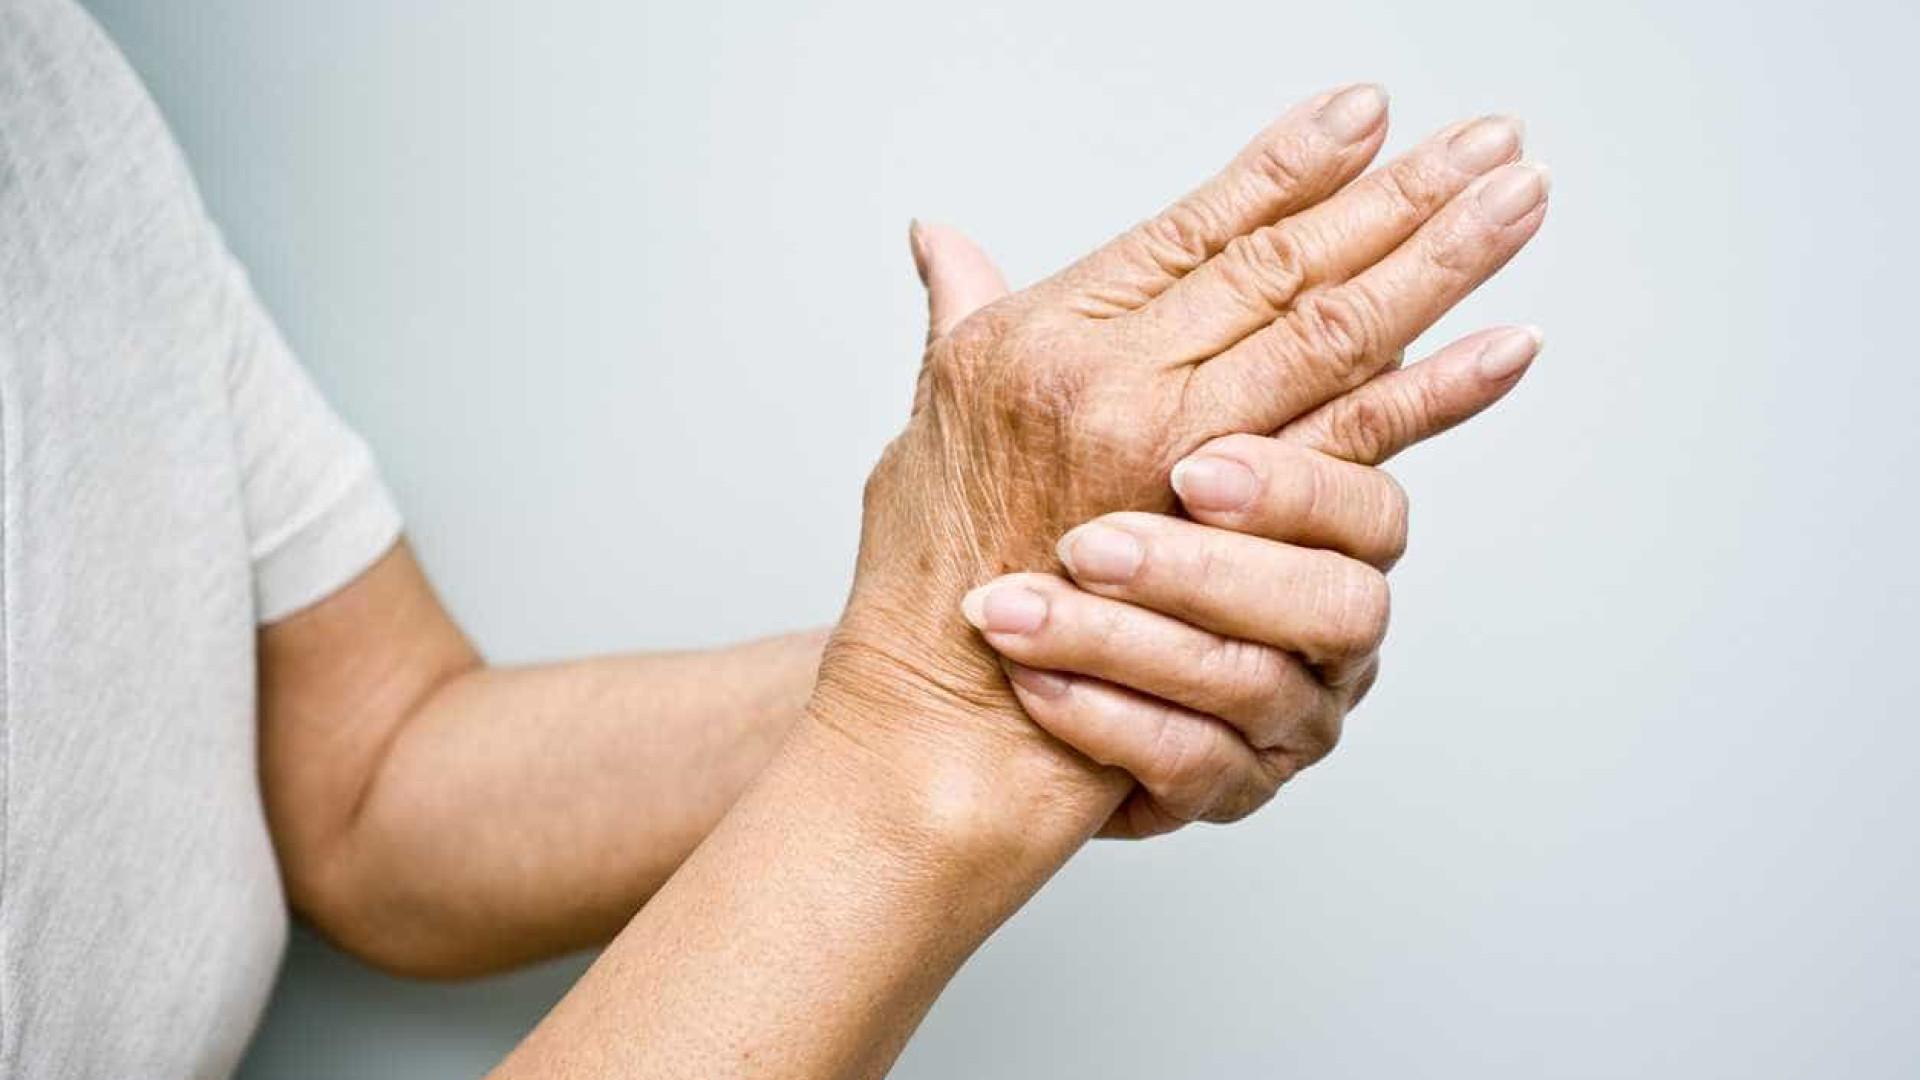 Cinco formas naturais de combater a dor